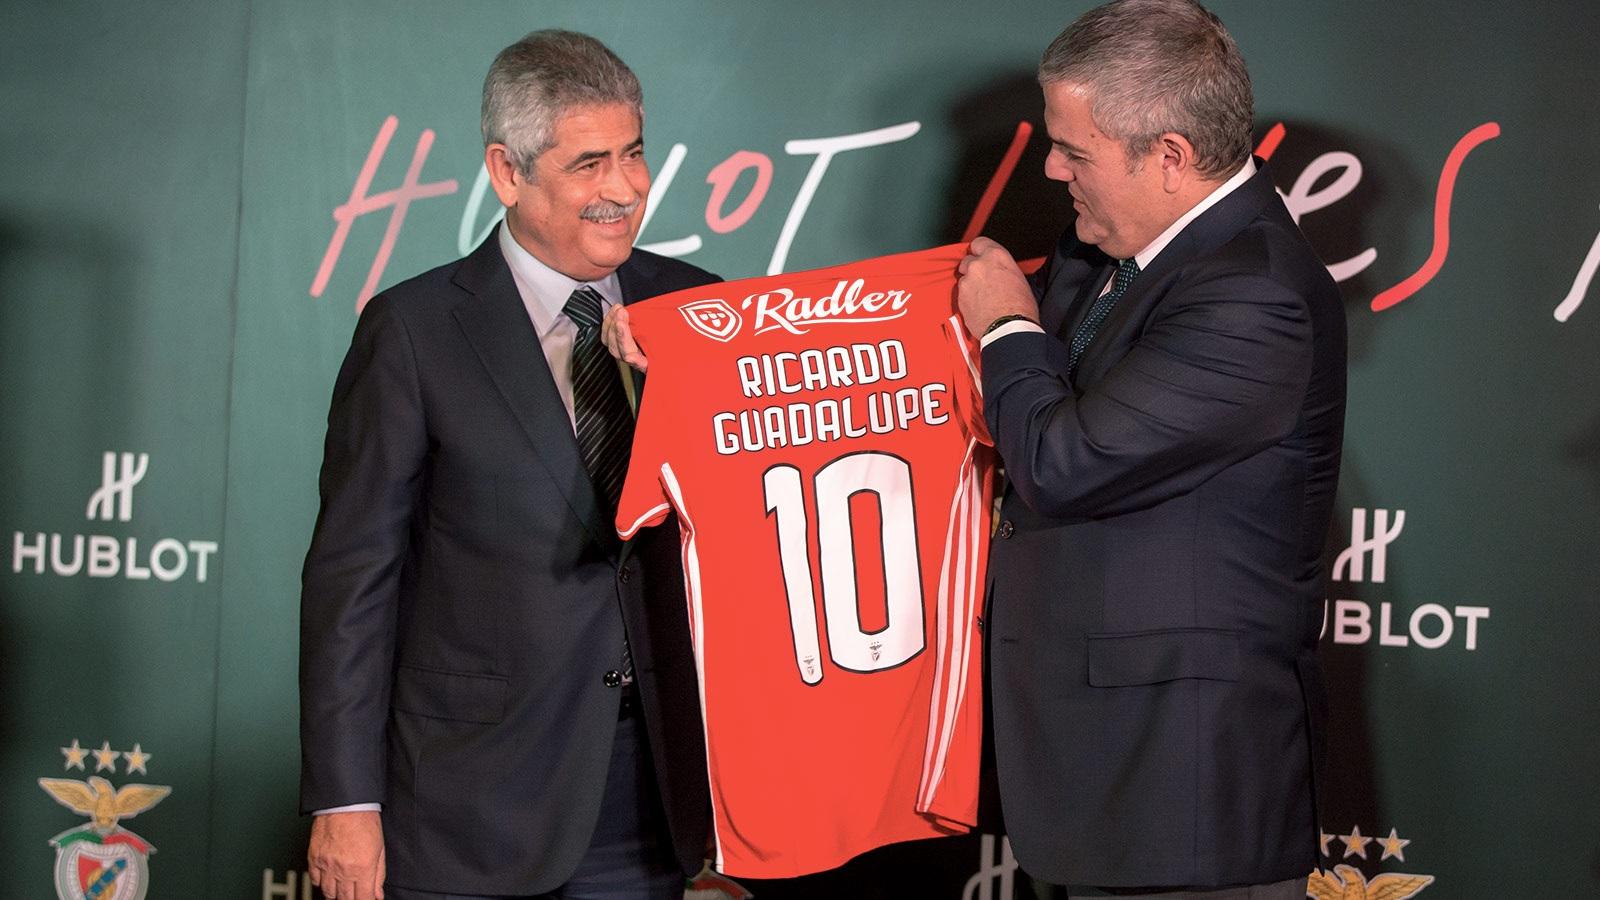 Benfica sponsoring hublot